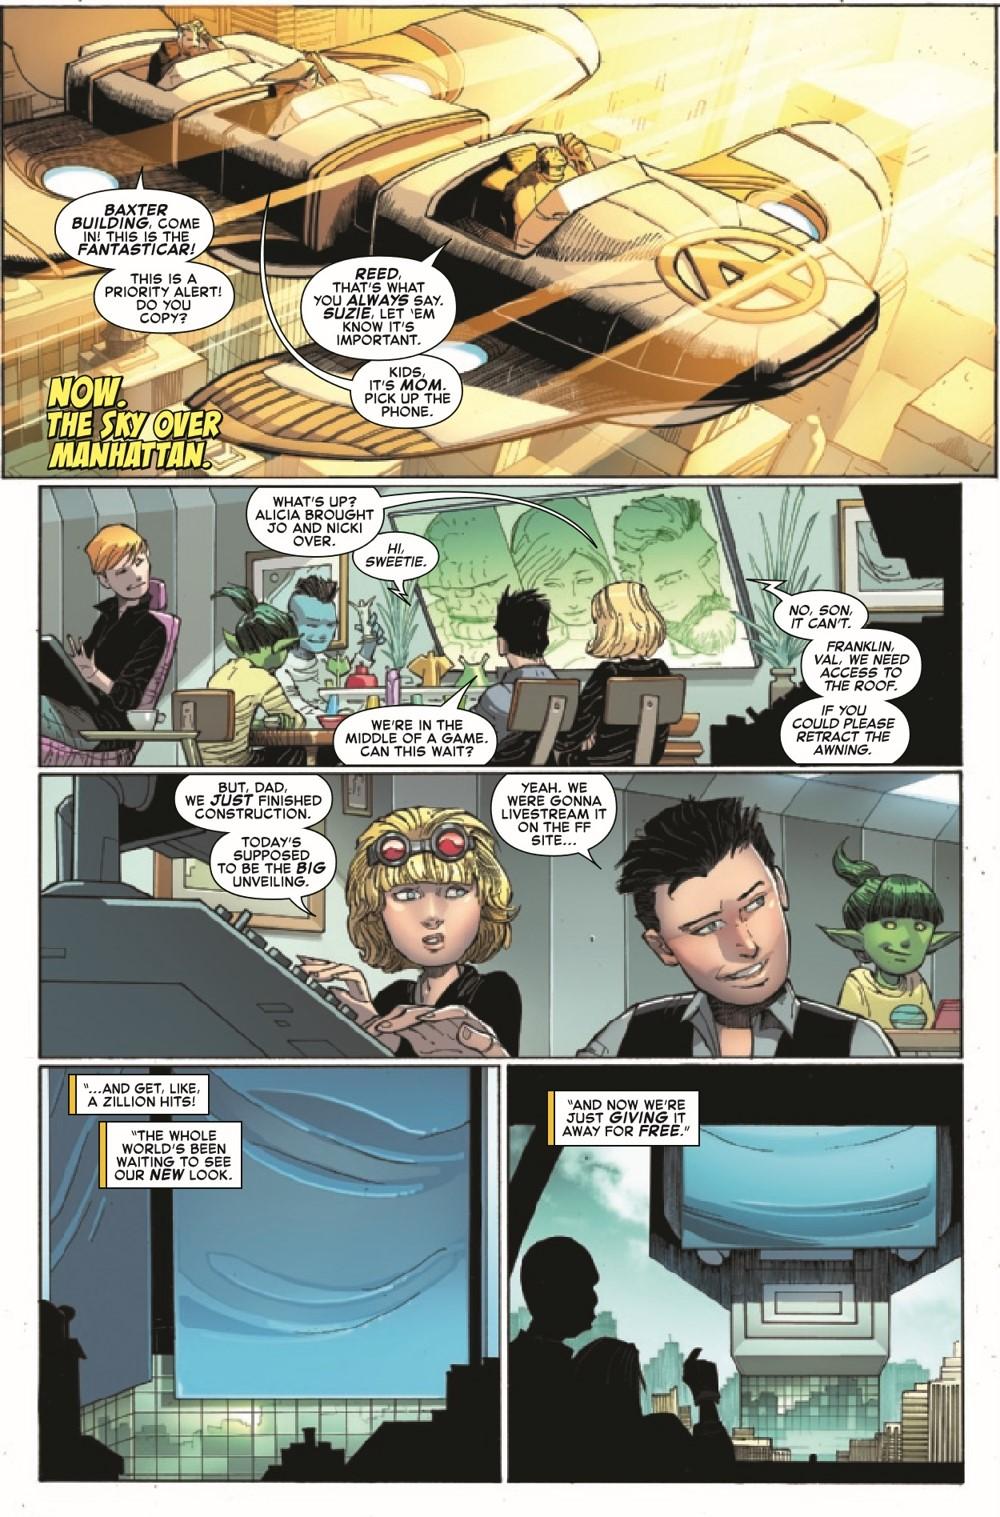 FF2018035_Preview-4 ComicList Previews: FANTASTIC FOUR #35